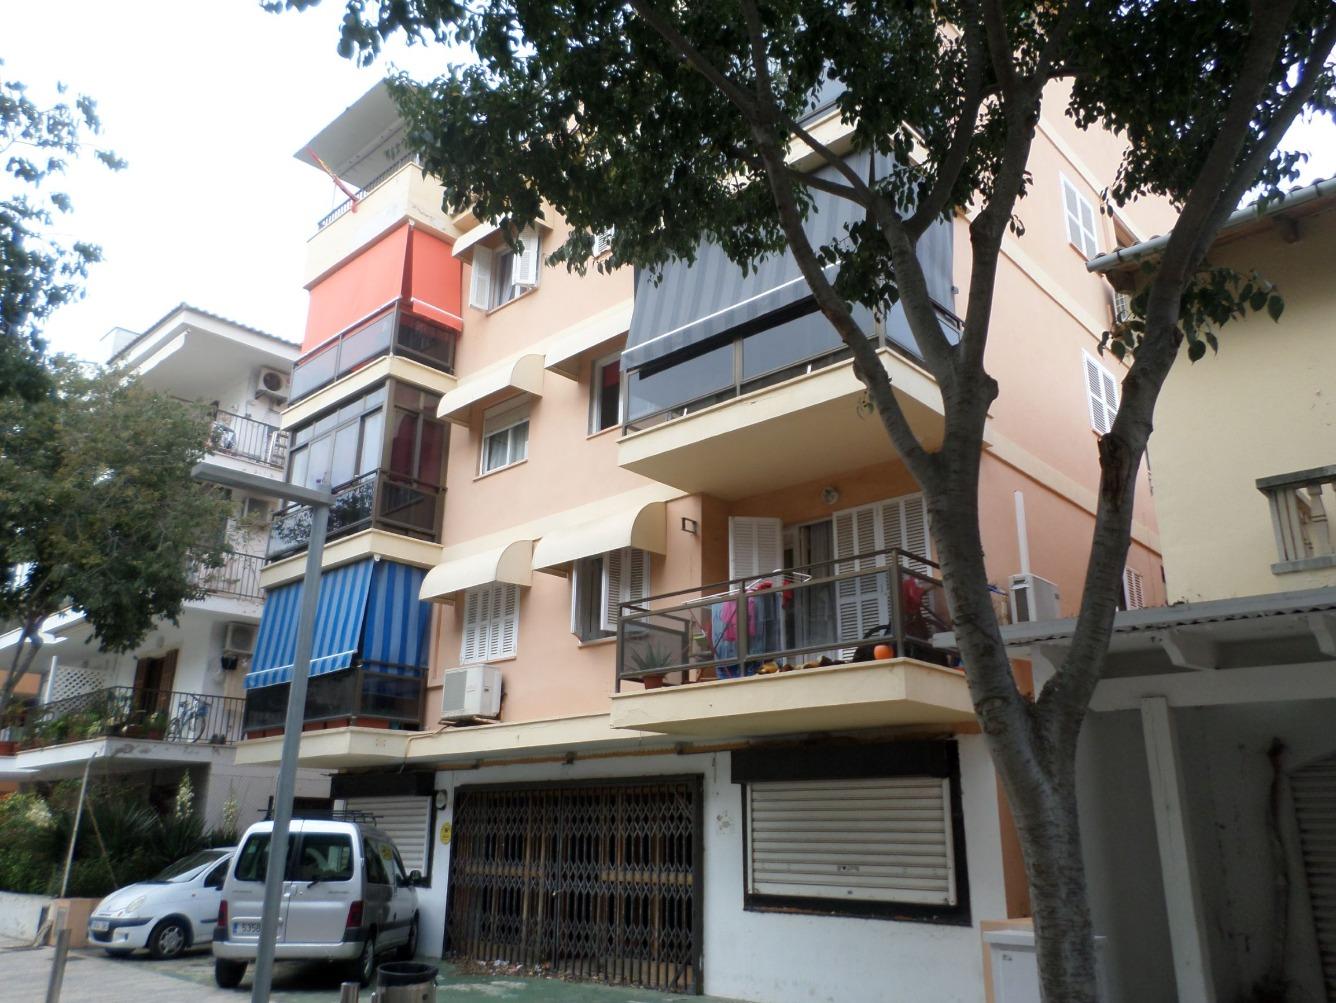 Local Comercial  Calle vinya del mar, 12. Cala millor. local comercial en calle de mucho paso peatonal y r